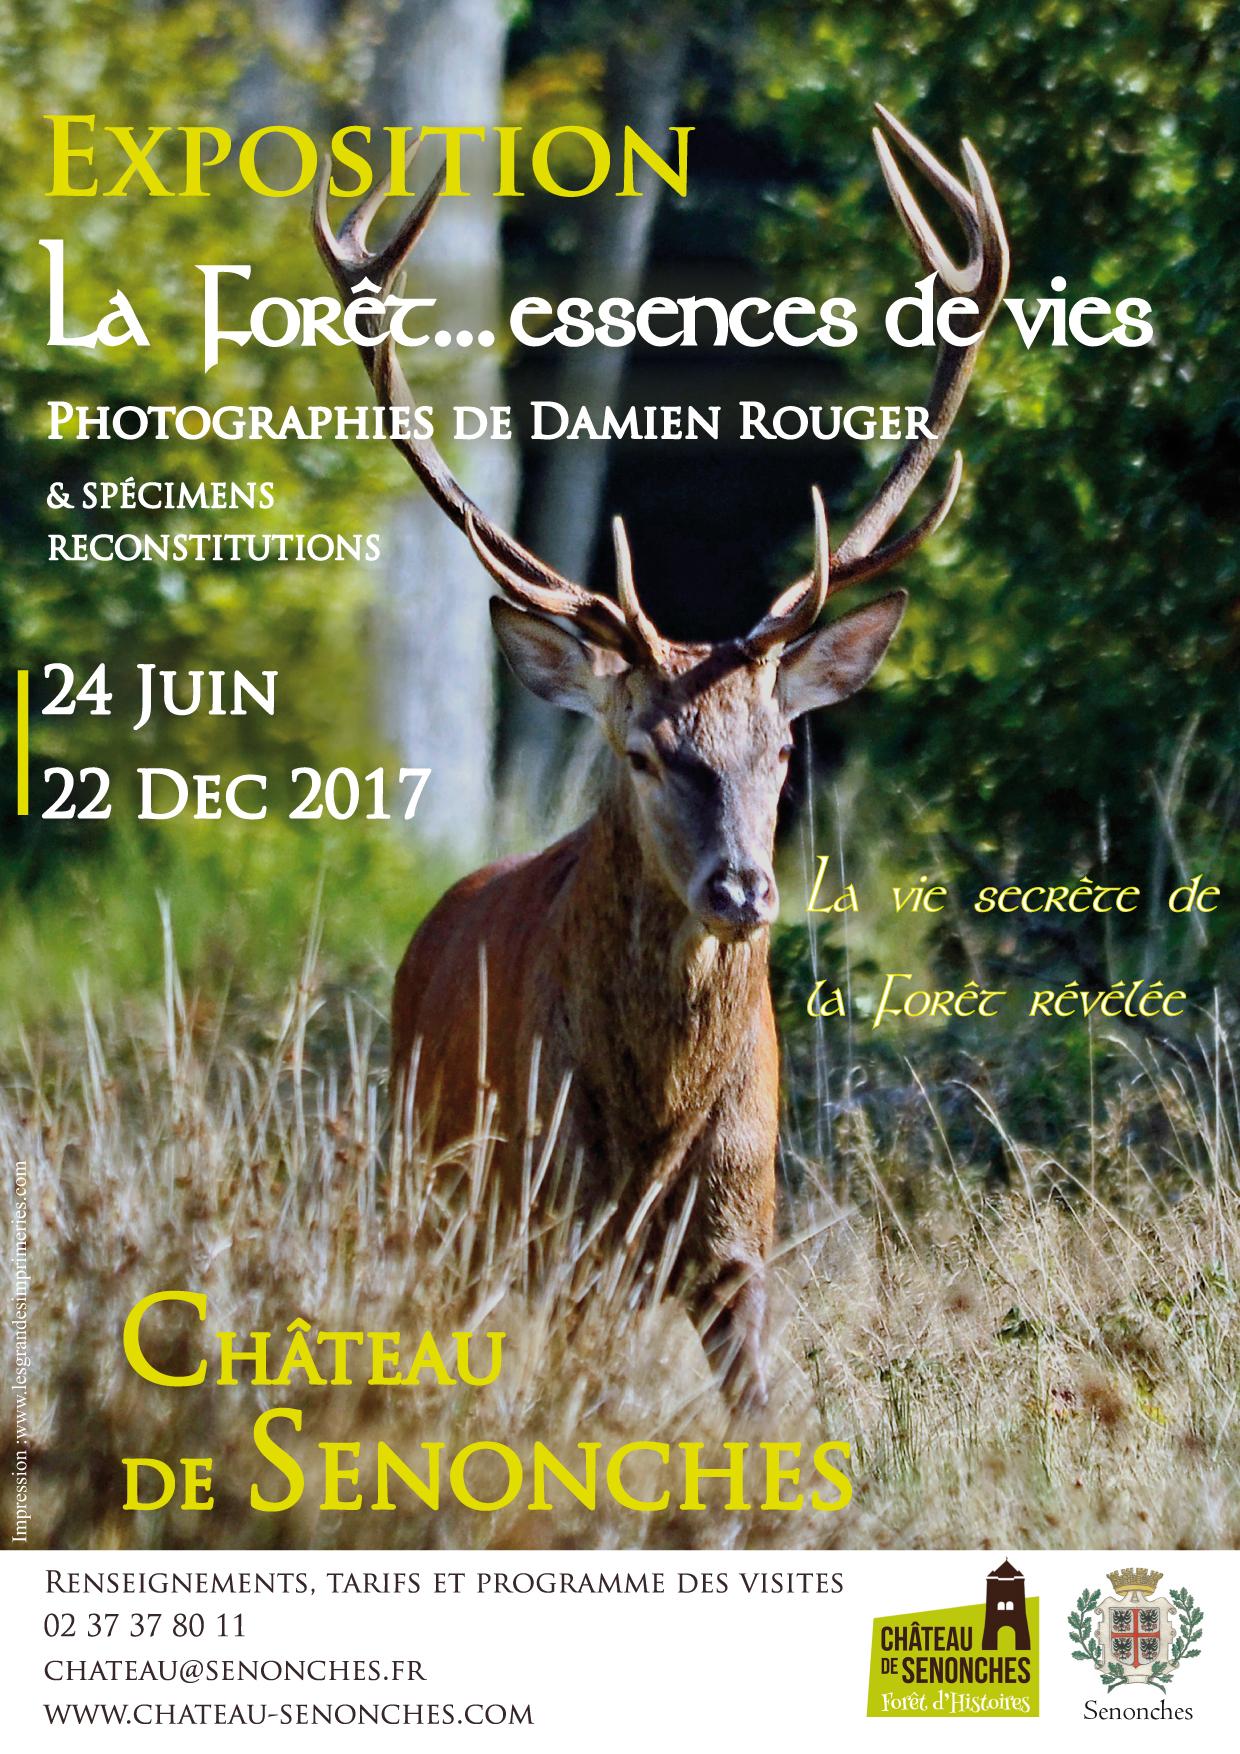 """Exposition """"La Forêt… essences de vies"""" prolongée jusqu'au 22 décembre 2017"""